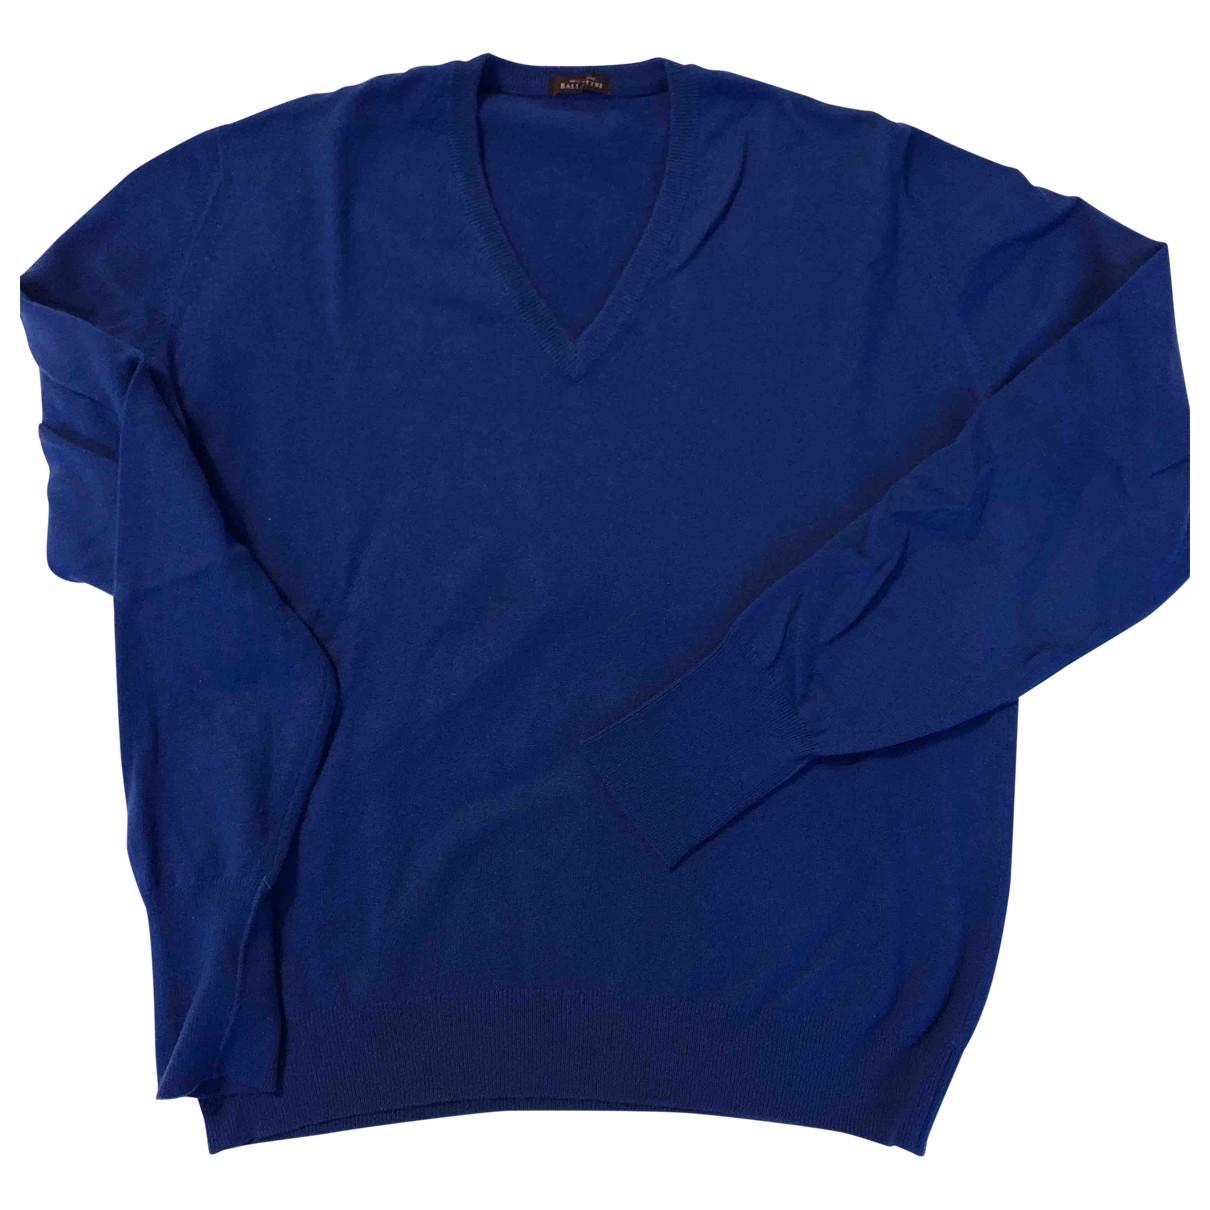 Ballantyne \N Blue Cashmere Knitwear & Sweatshirts for Men 46 IT